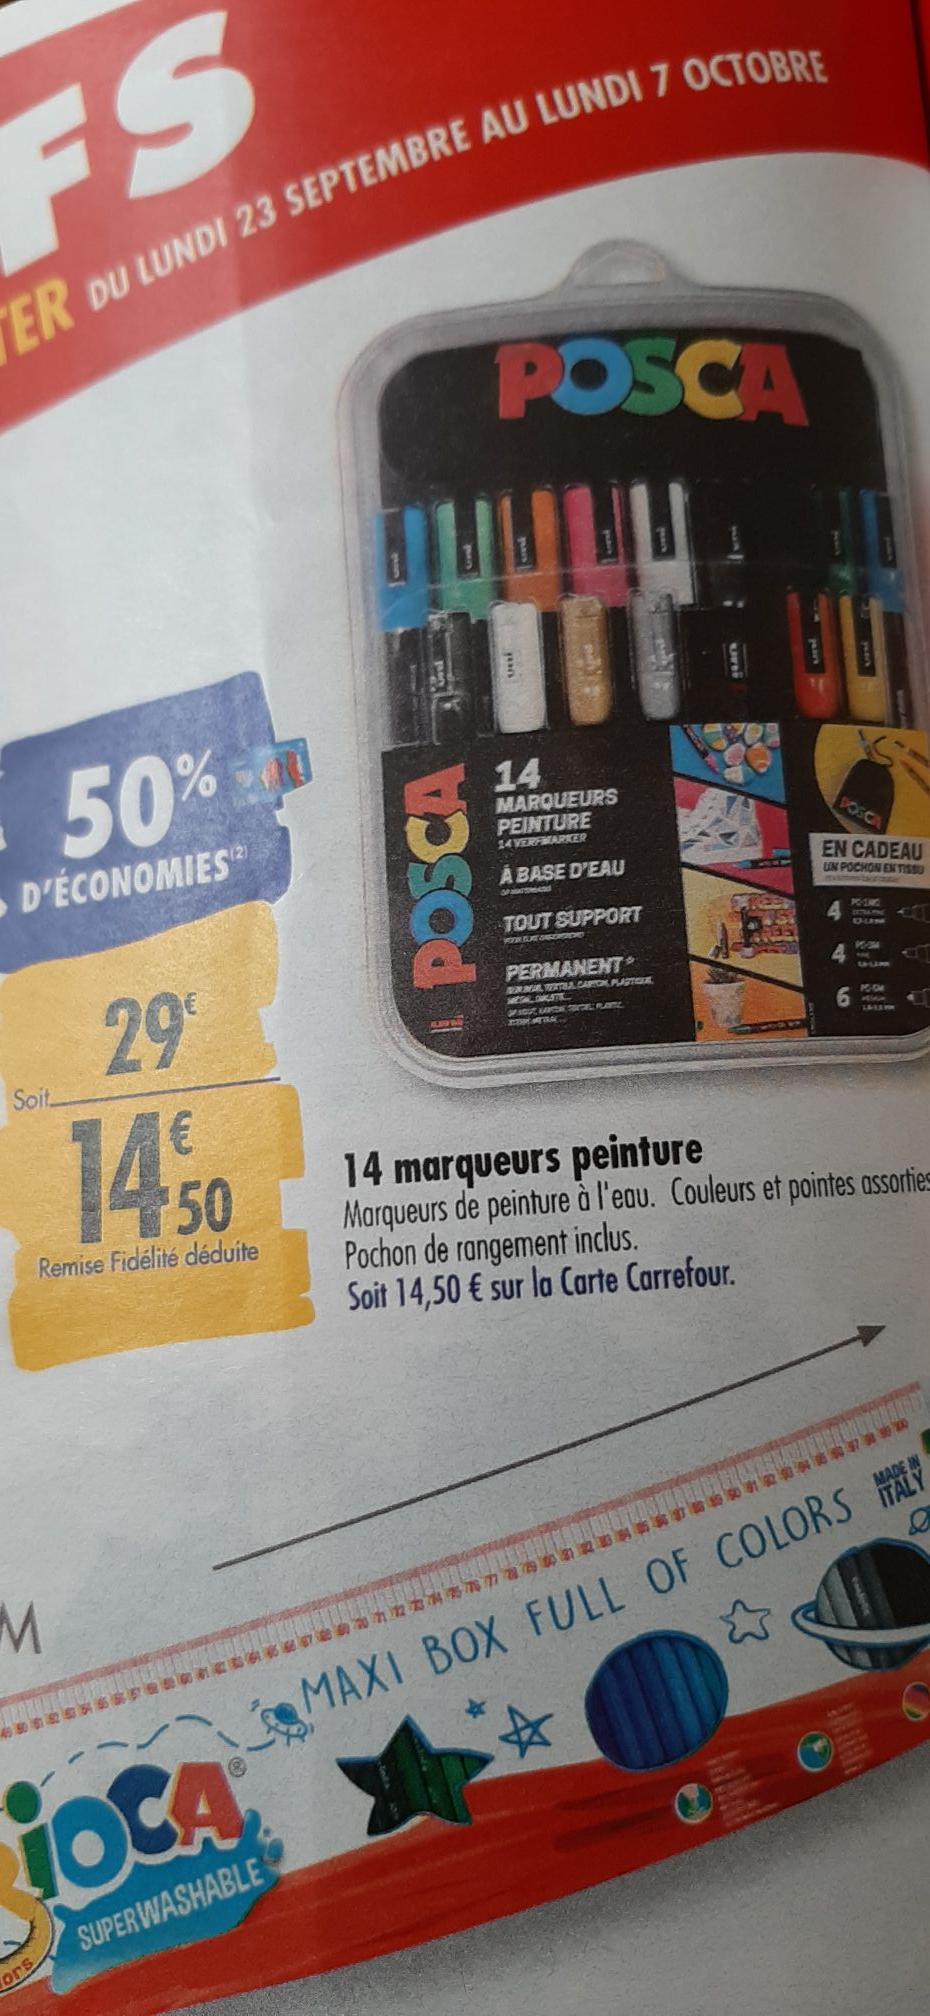 Boite de 14 marqueurs peinture avec sac de rangement Posca (Via 14,50€ sur la carte de fidélité)